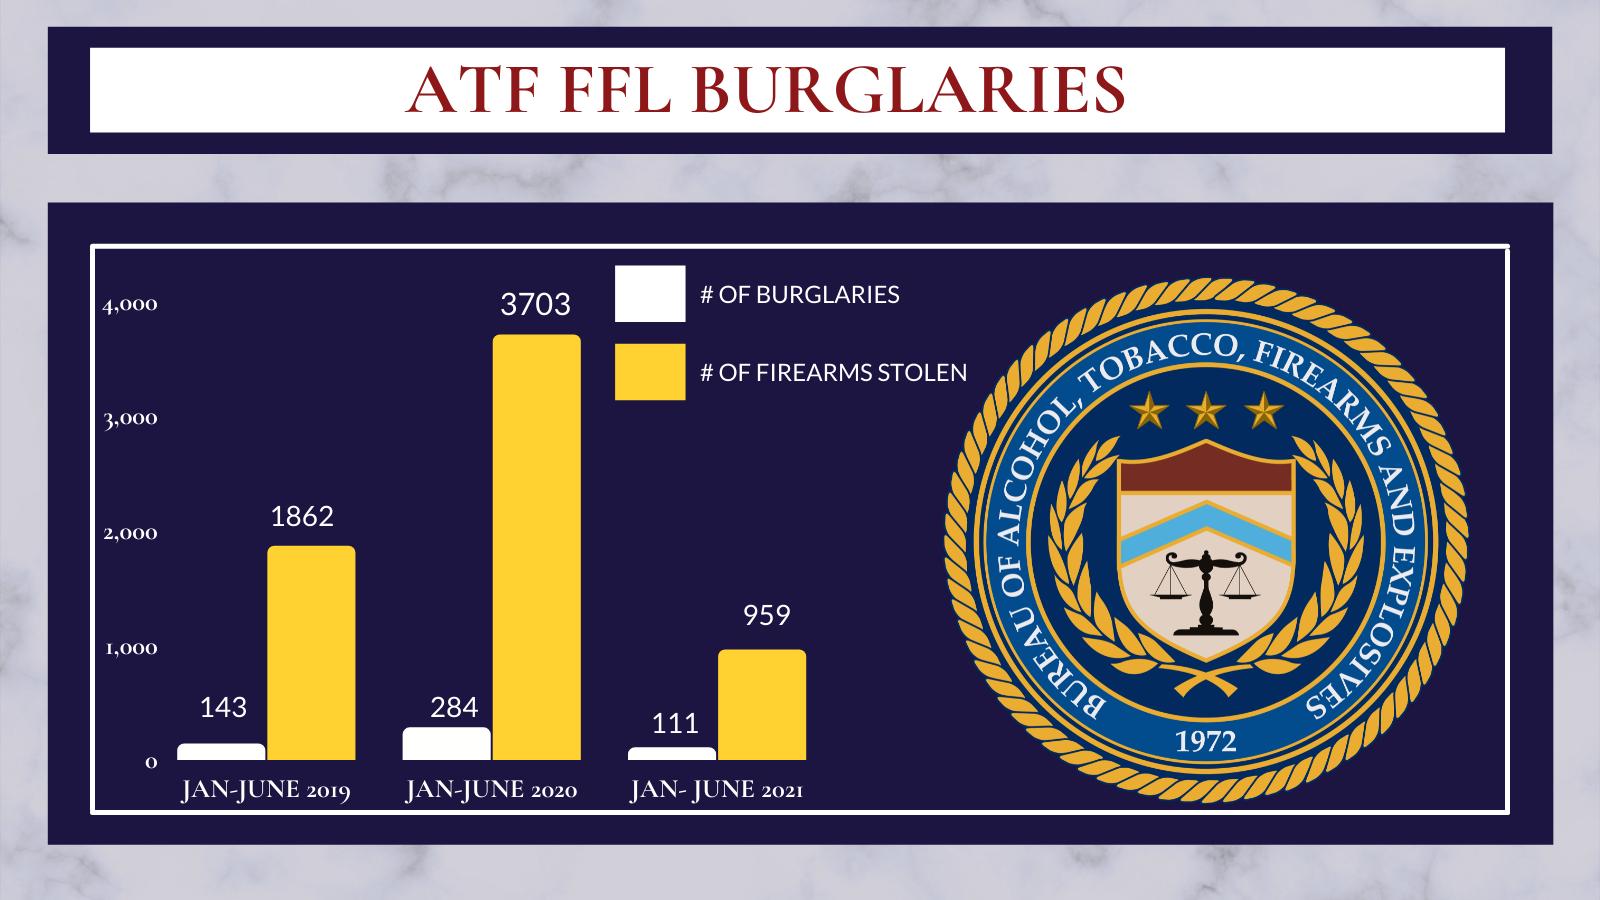 ATF FFL Burglaries: From January to June 2019, 143 burglaries and 1862 firearms stolen. From Jan to June 2020, 284 burglaries and 3703 firearms stolen. From January to June 2021, 111 burglaries and 959 firearms stolen.